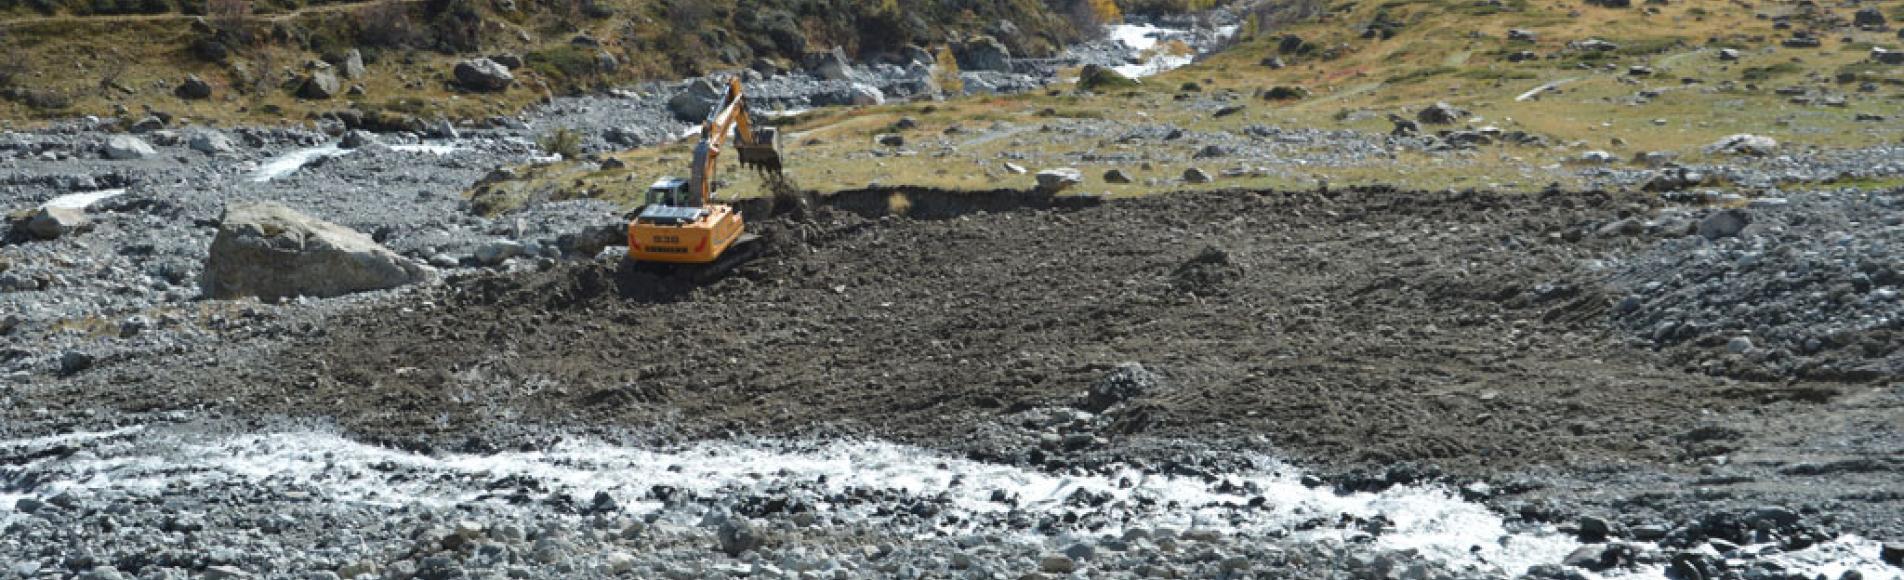 activité et travaux  torrent Muande Bellone - Gioberney - oct 2019 © PJ Guilloux - Parc national des Écrins